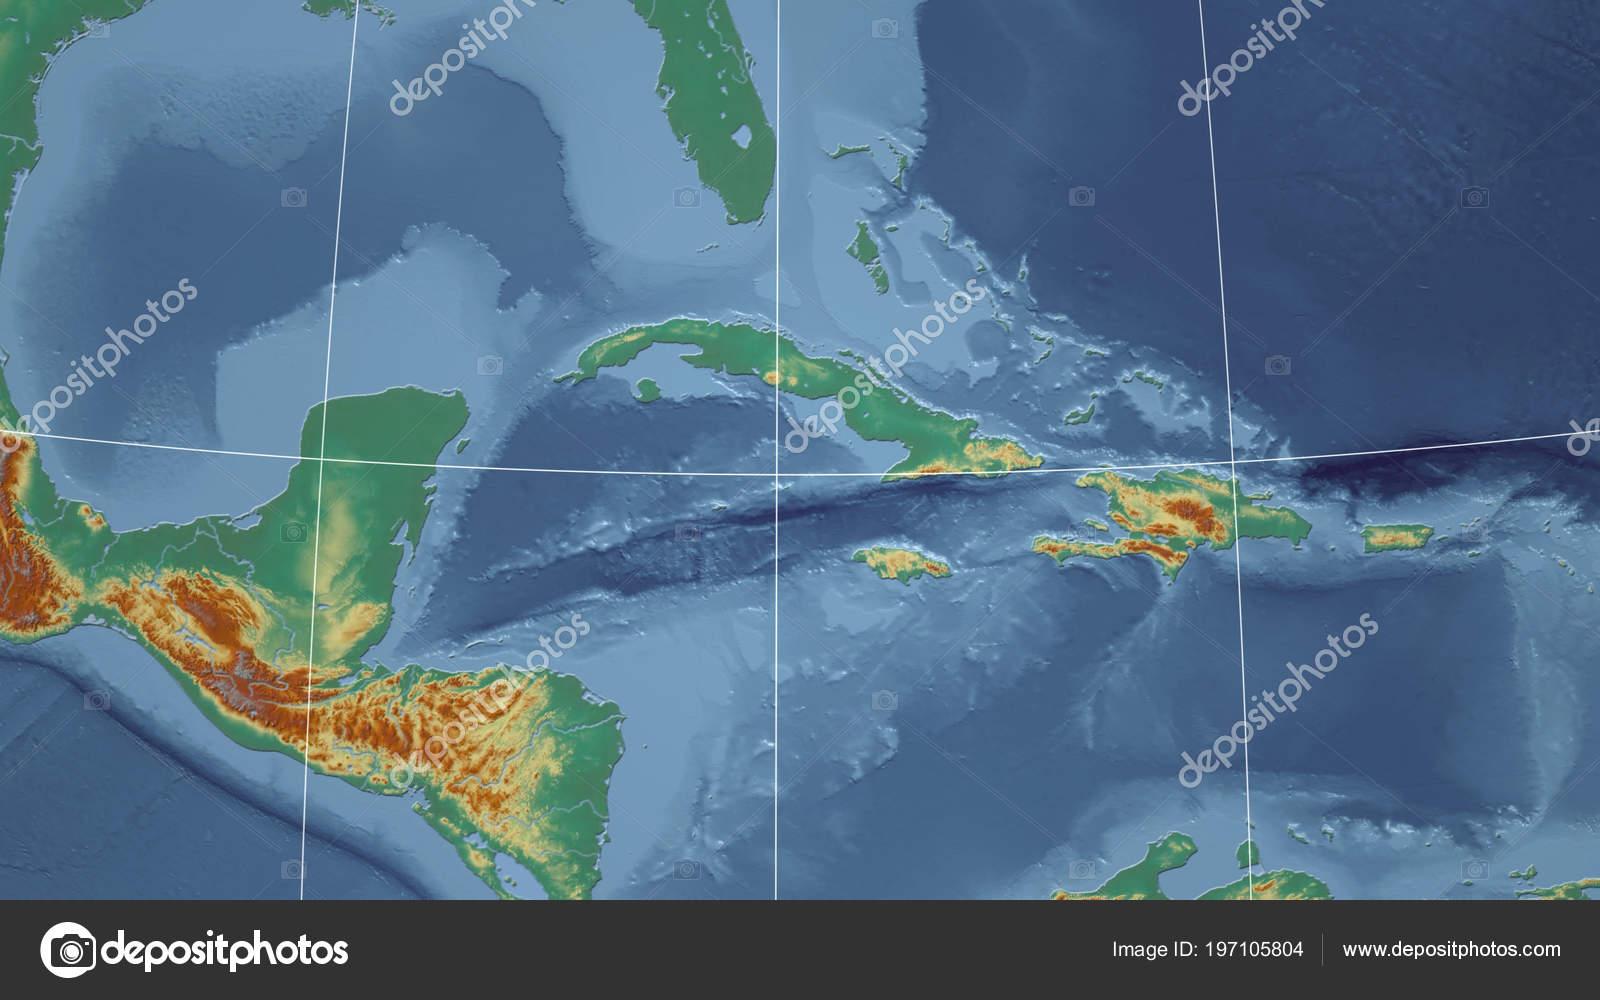 Cuba Neighborhood Distant Perspective Outline Topographic Relief Map